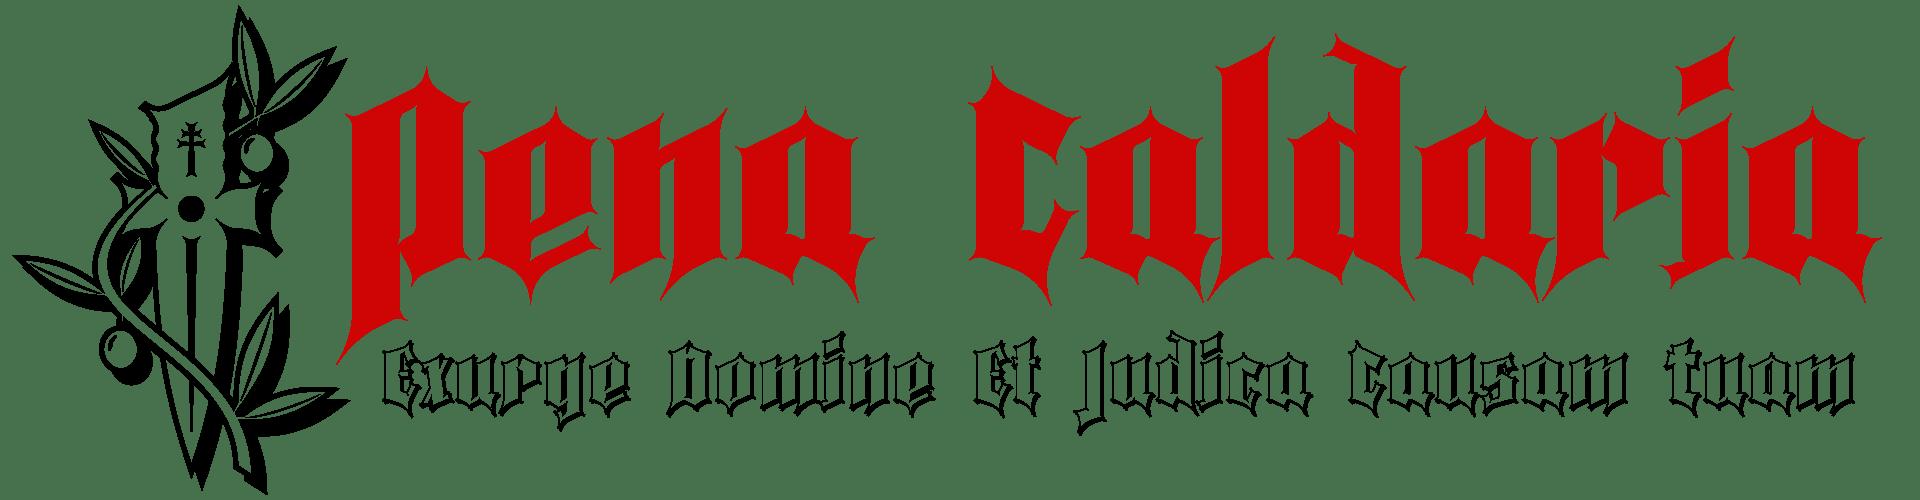 Pena Caldaria Ghotic Fonts - Exurge Domine et Judica Causam tuam